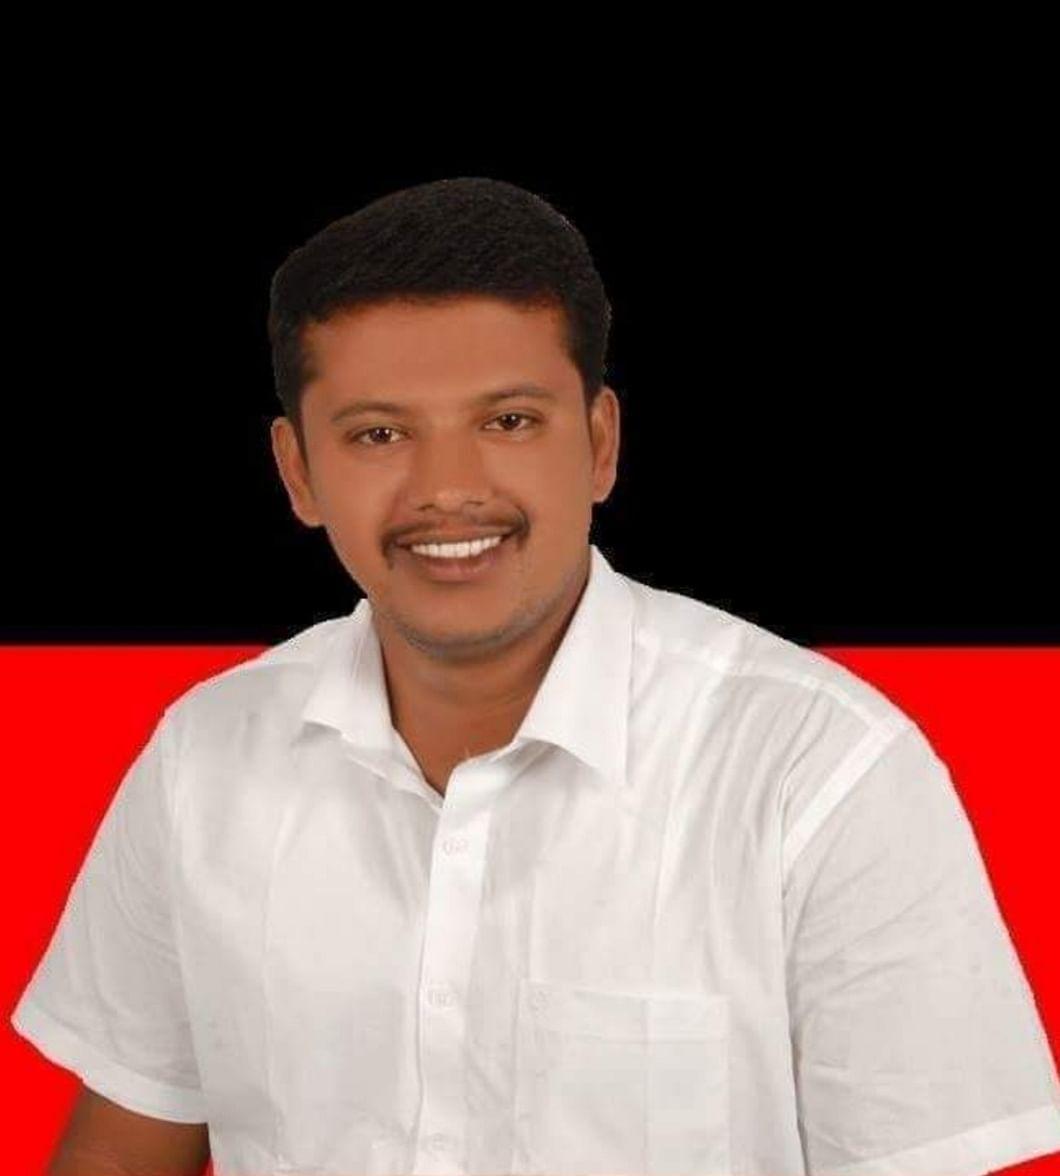 கொங்கணாபுரம் சம்பத்குமார்